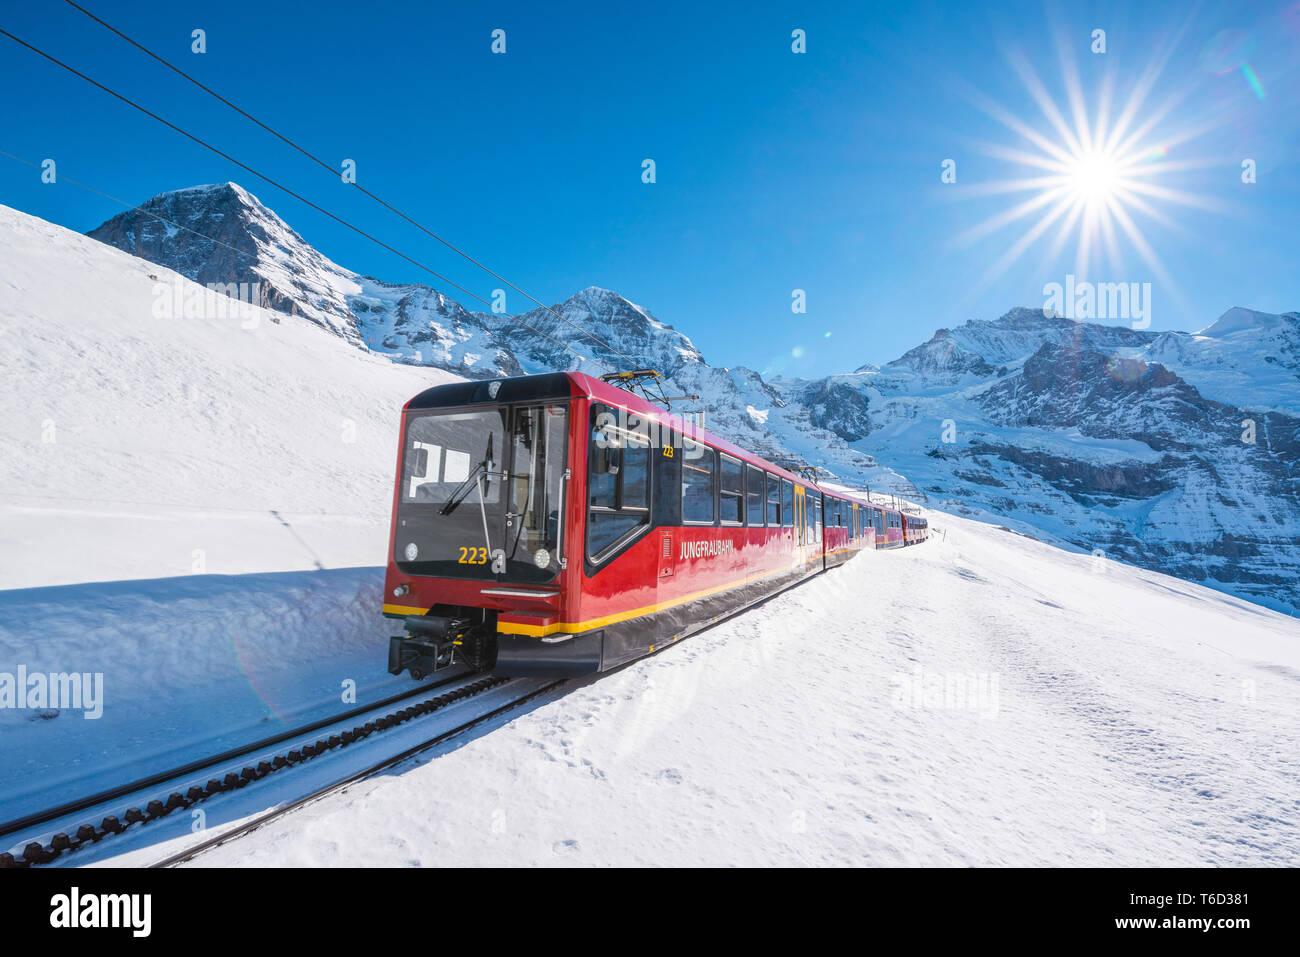 Train to Jungfraujoch, Kleine Scheidegg, Berner Oberland, canton of Bern, Switzerland. - Stock Image